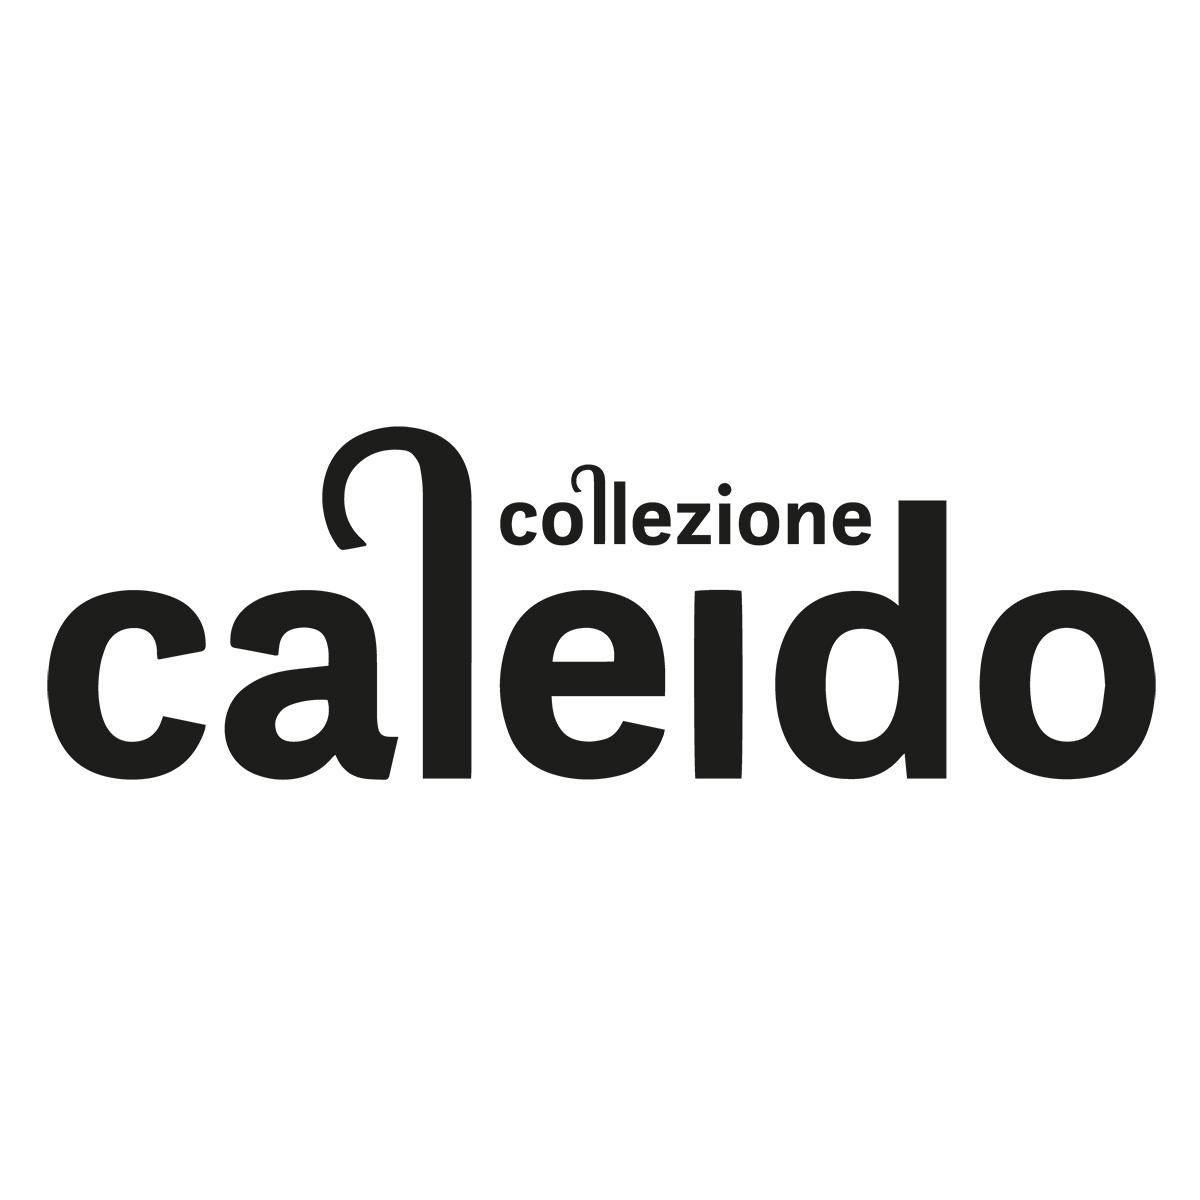 Collezione Caleido